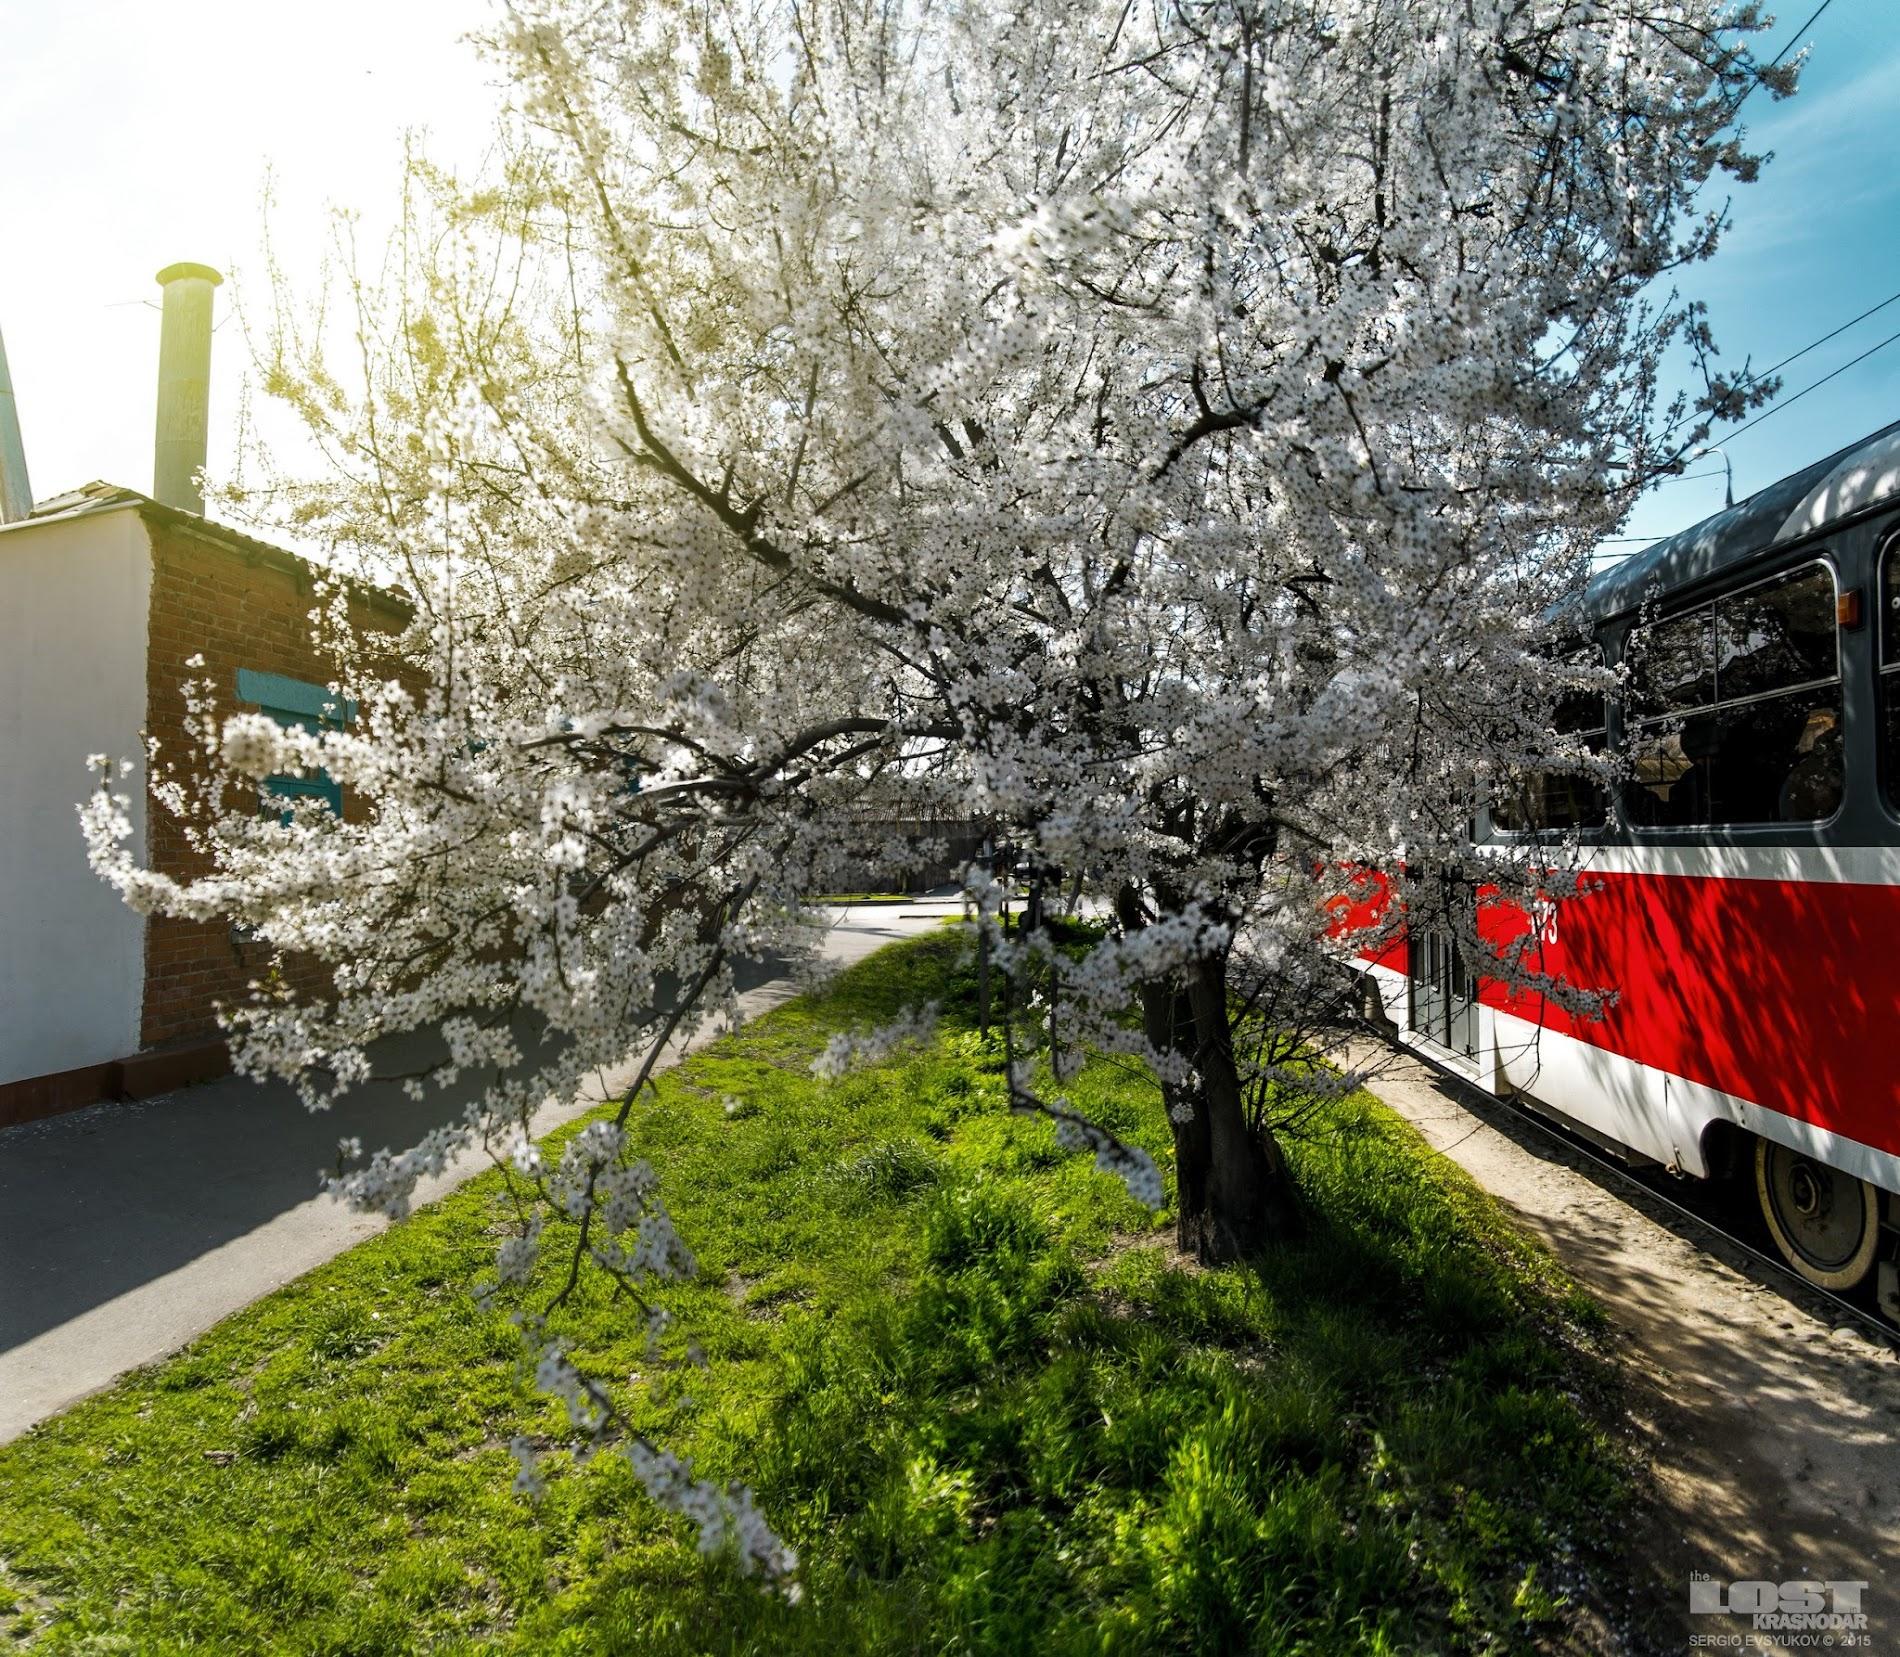 трамвай и цветущее дерево